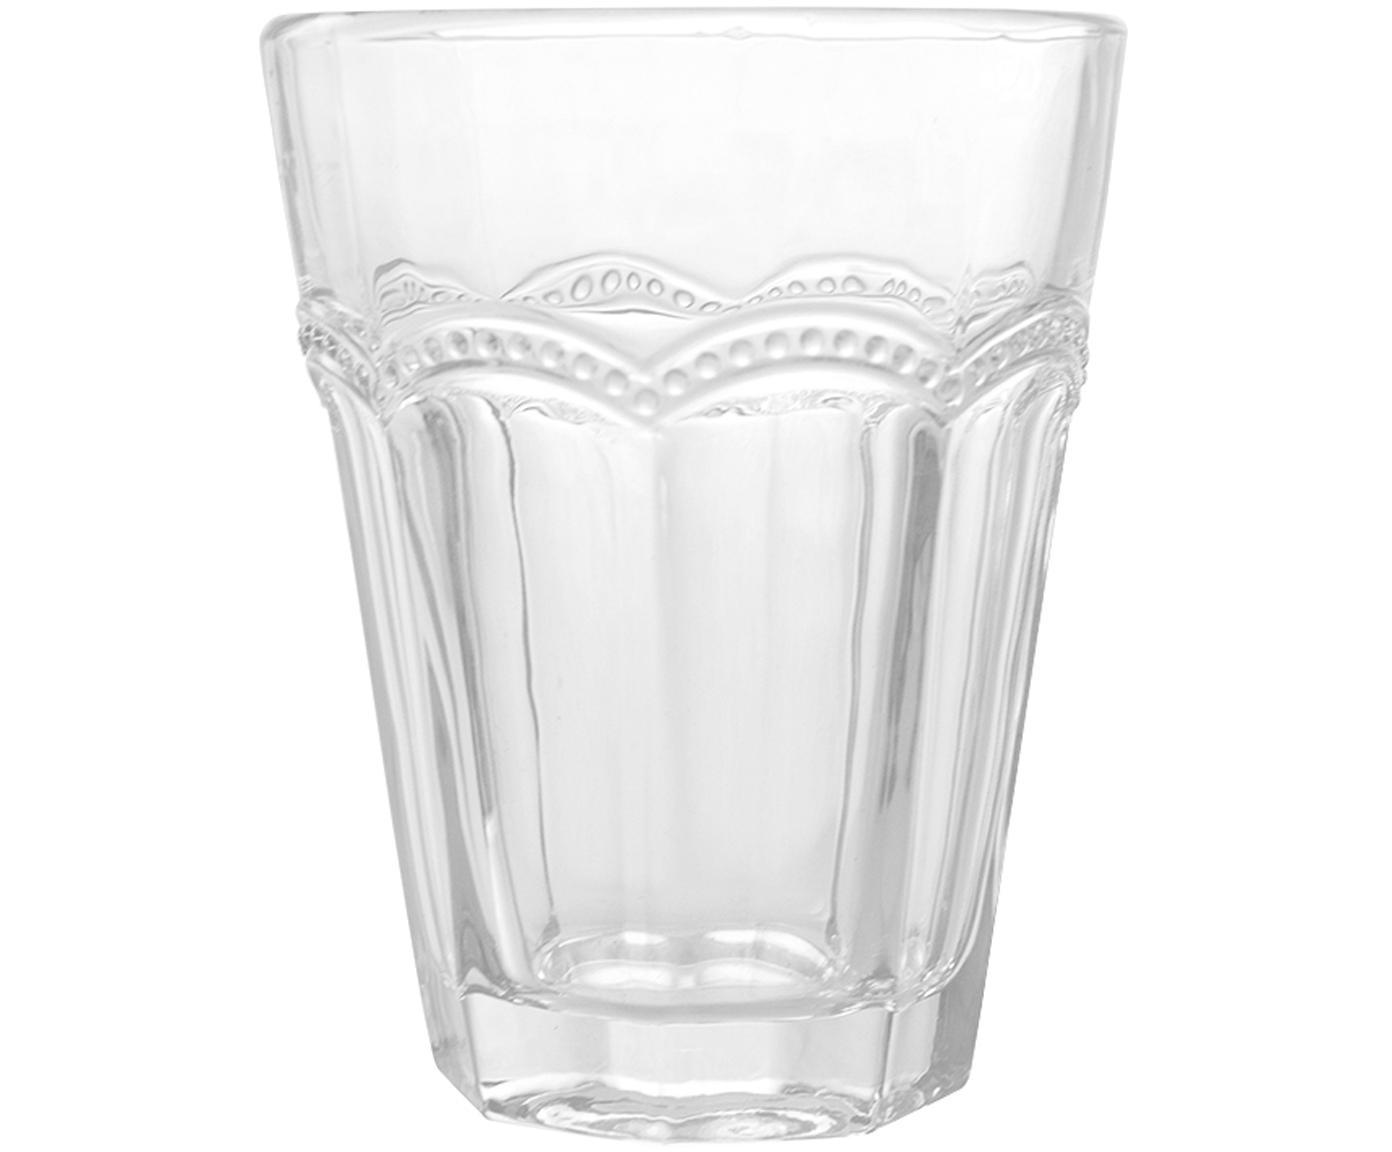 Waterglazenset Floyd met gespiegeld reliëf, 6-delig, Glas, Transparant, Ø 9 x H 11 cm